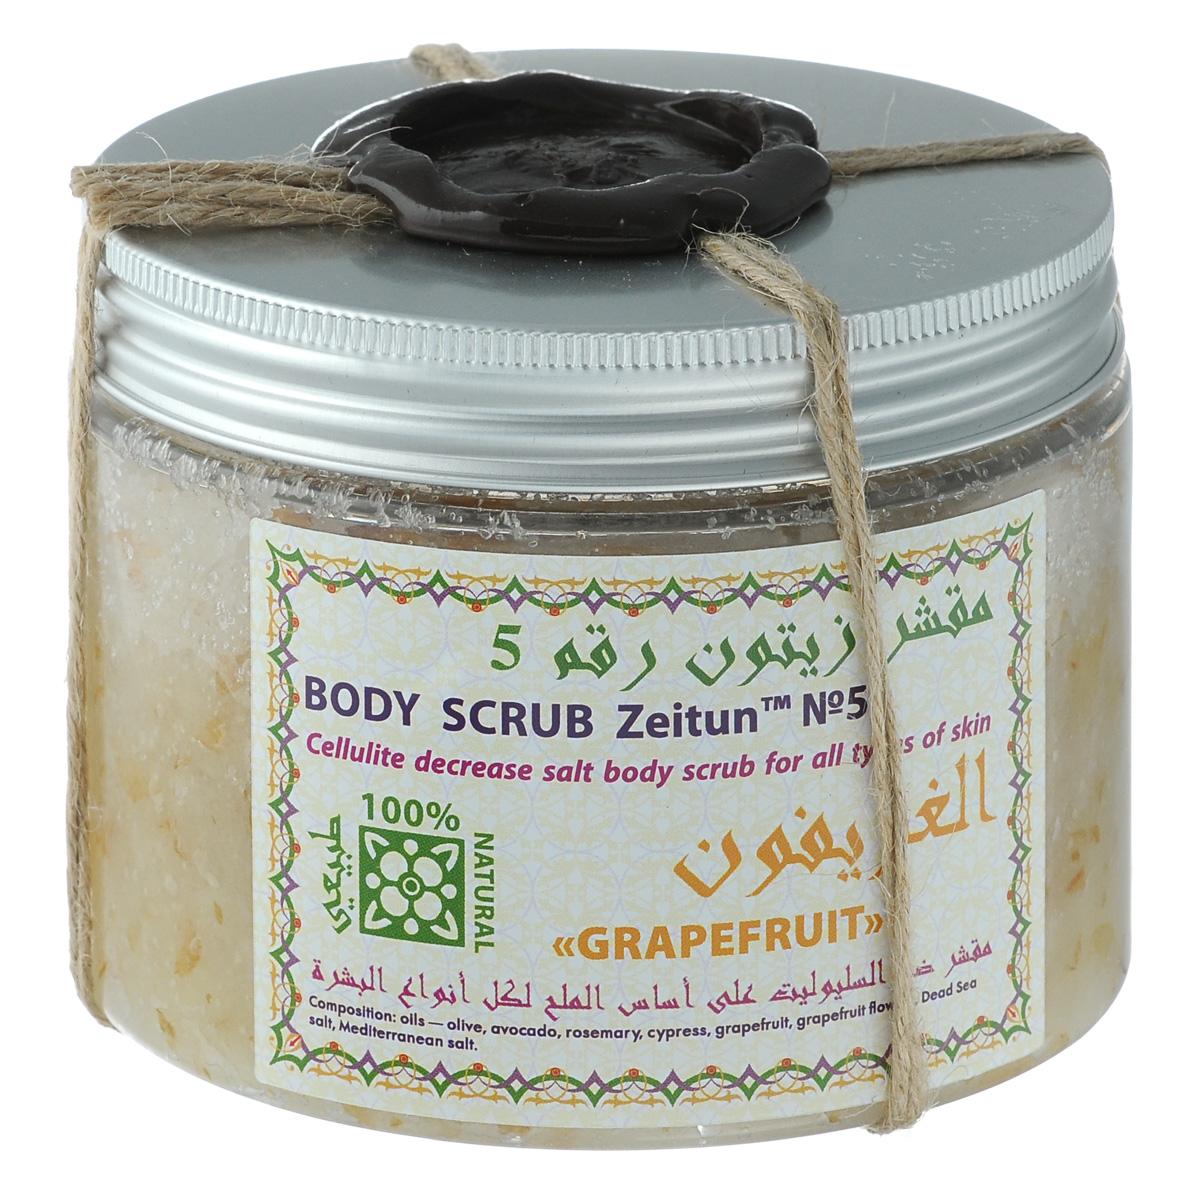 Зейтун Скраб для тела №5 солевой Грейпфрут, 500 млZ2005Натуральные абразивные частицы (соль) отшелушивают отмершие клетки кожи, раскрывают, очищают поры, подготавливая кожу к воздействию смеси антицеллюлитных масел в составе и, за счет микромассажа, усиливают их действия. Этот антицелюллитный скраб хорошо увлажняет и тонизирует кожу. Для достижения максимального эффекта рекомендуется использовать в комплексе с антицеллюлитным обёртыванием Зейтун — подготавливаете кожу скрабом, после этого наносите обертывание.